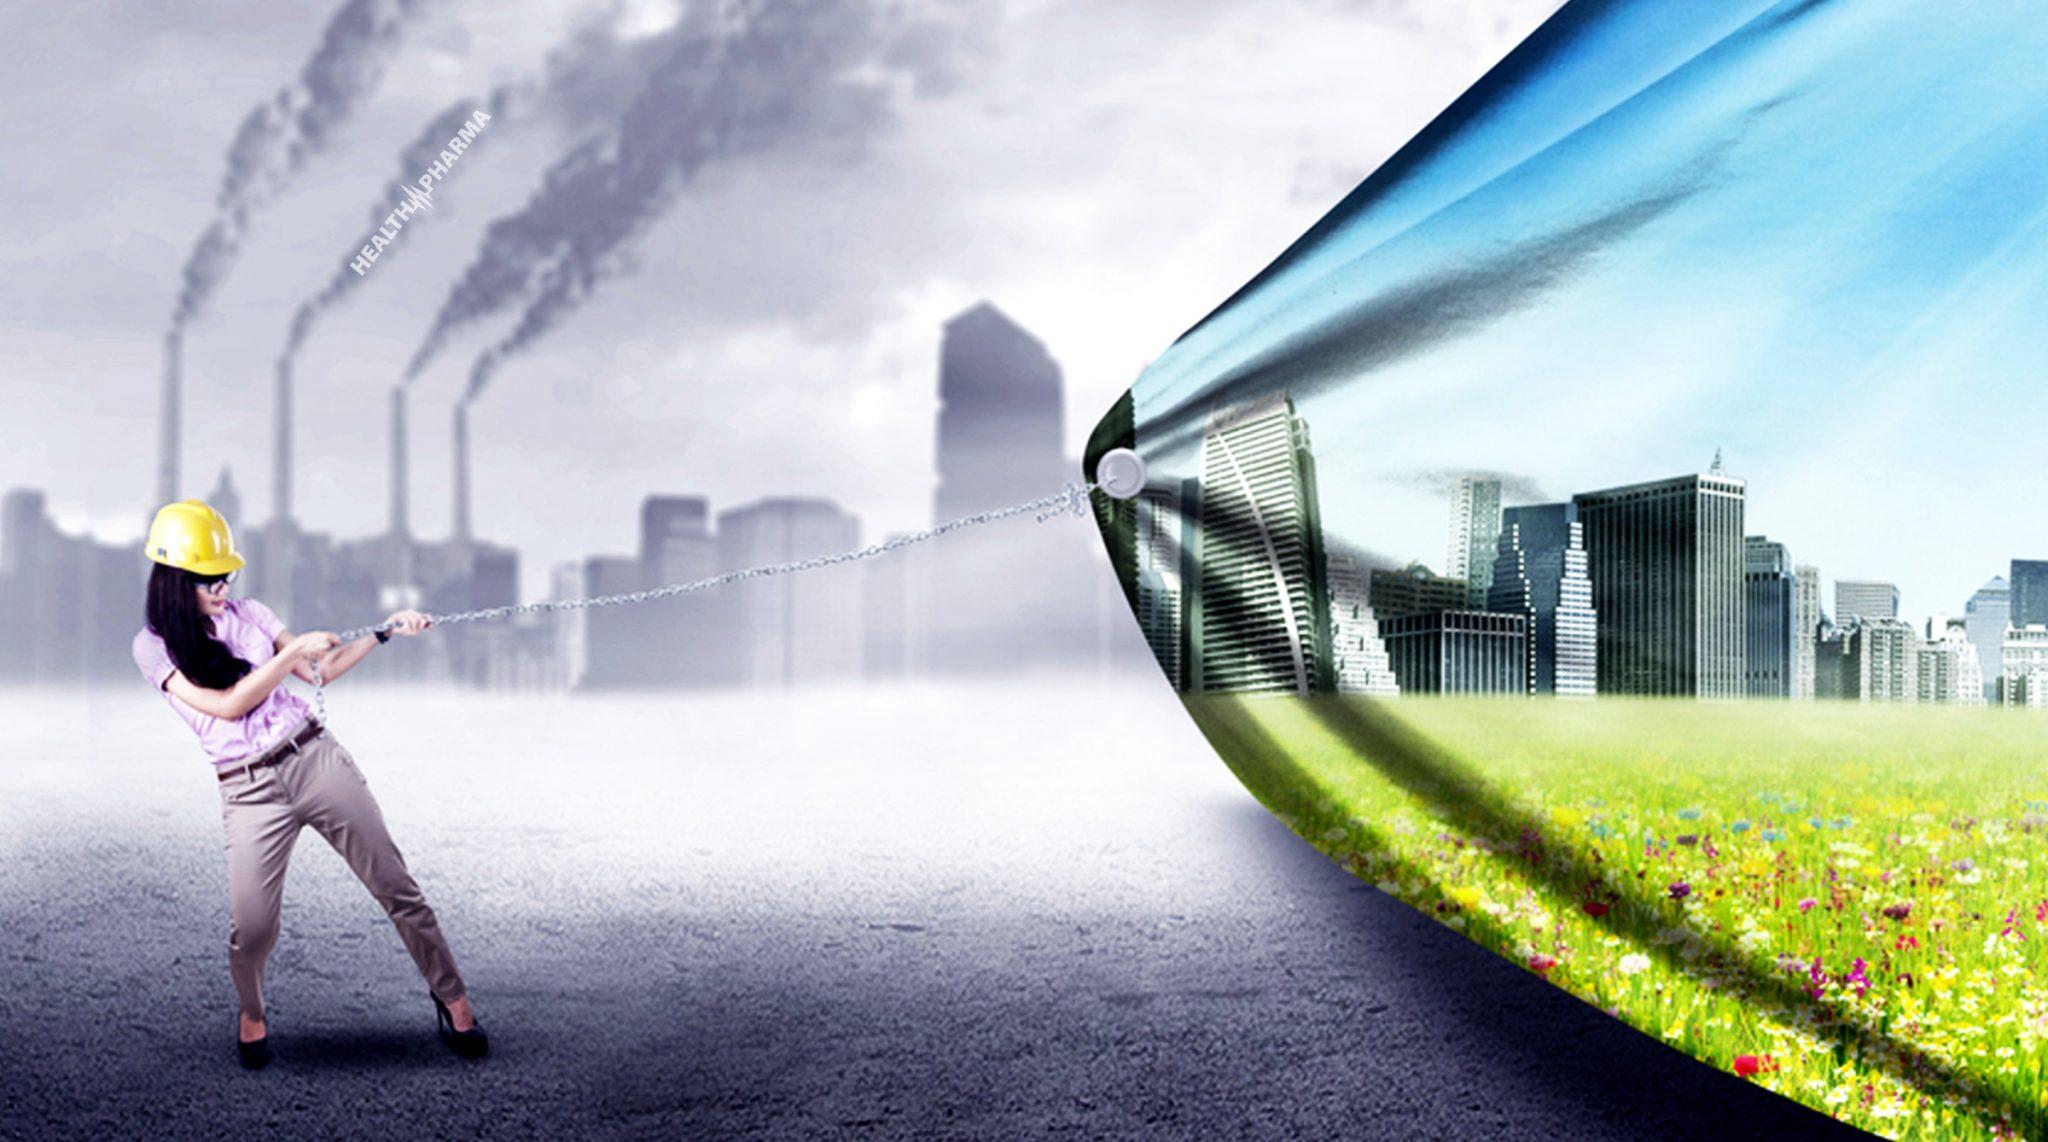 Ευρώπη: Η μείωση της ατμοσφαιρικής ρύπανσης θα σώσει χιλιάδες ζωές